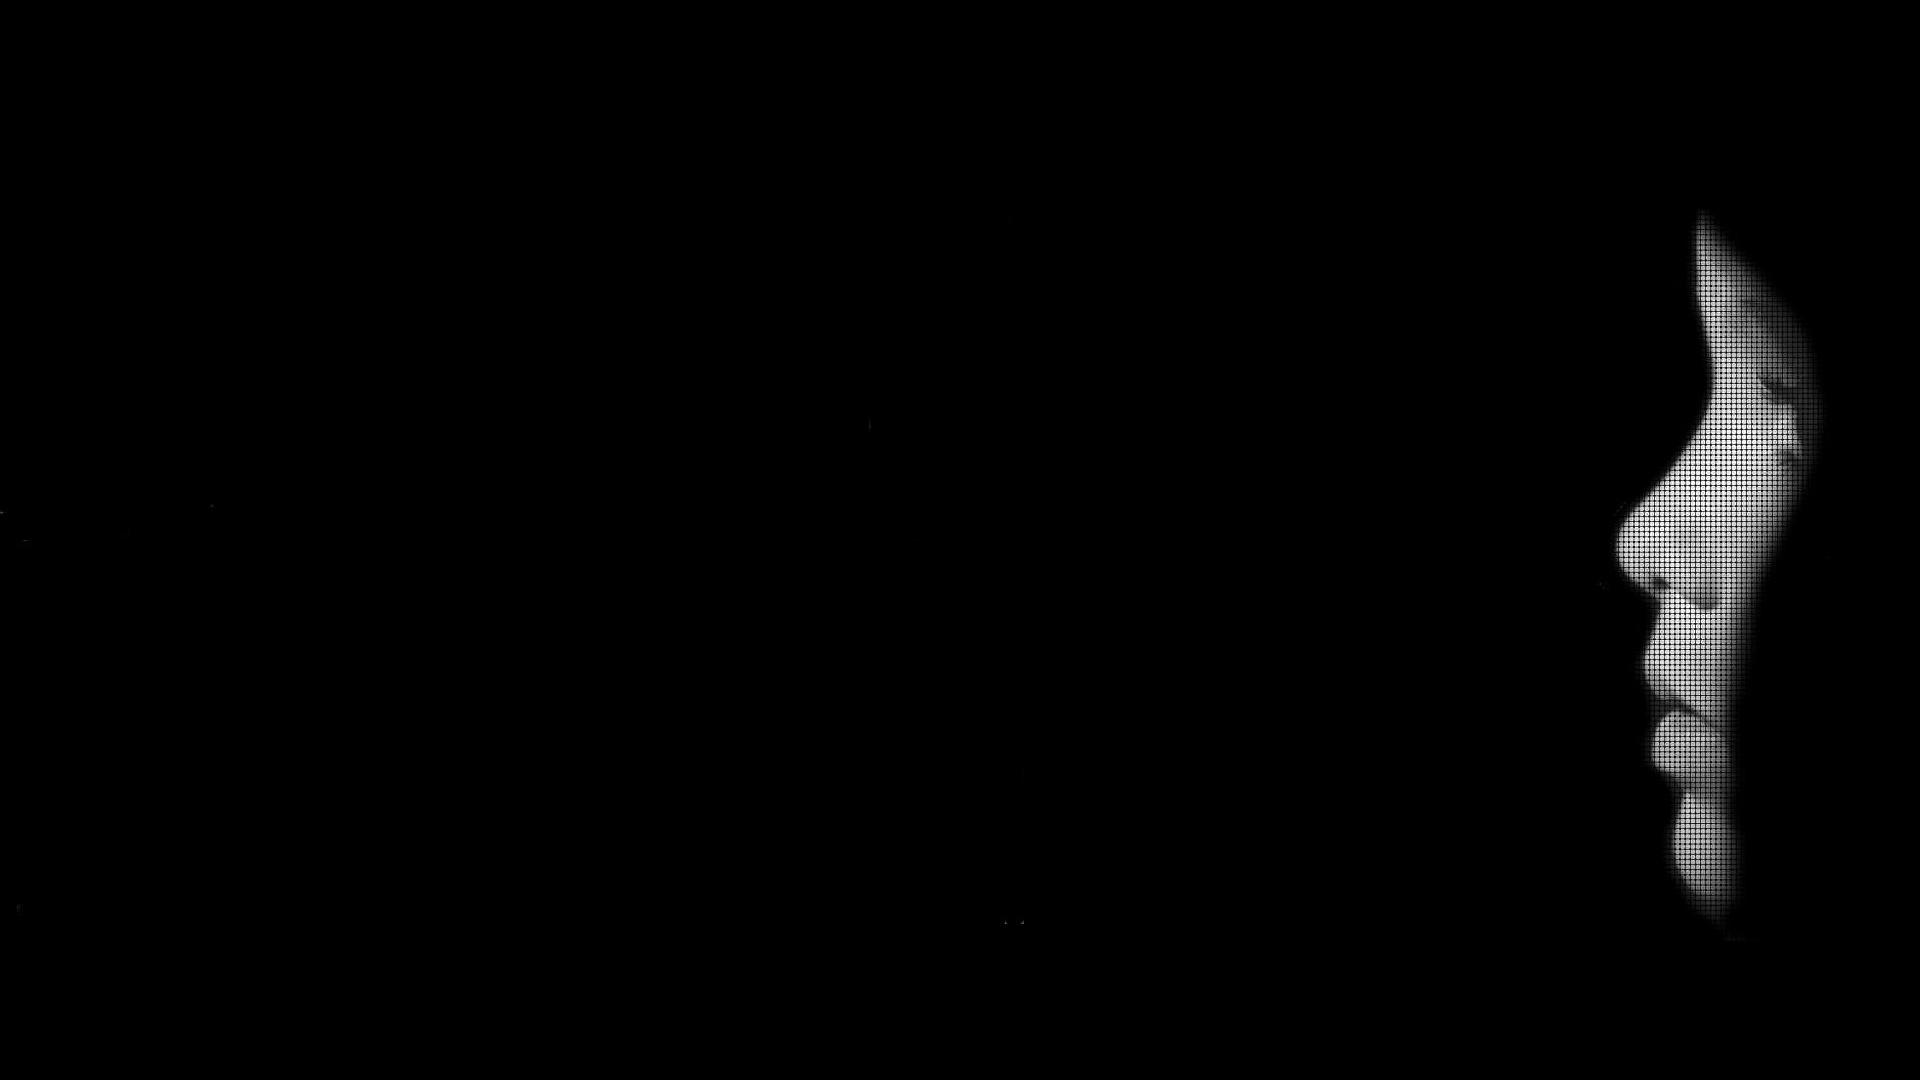 Hình nền đen trắng